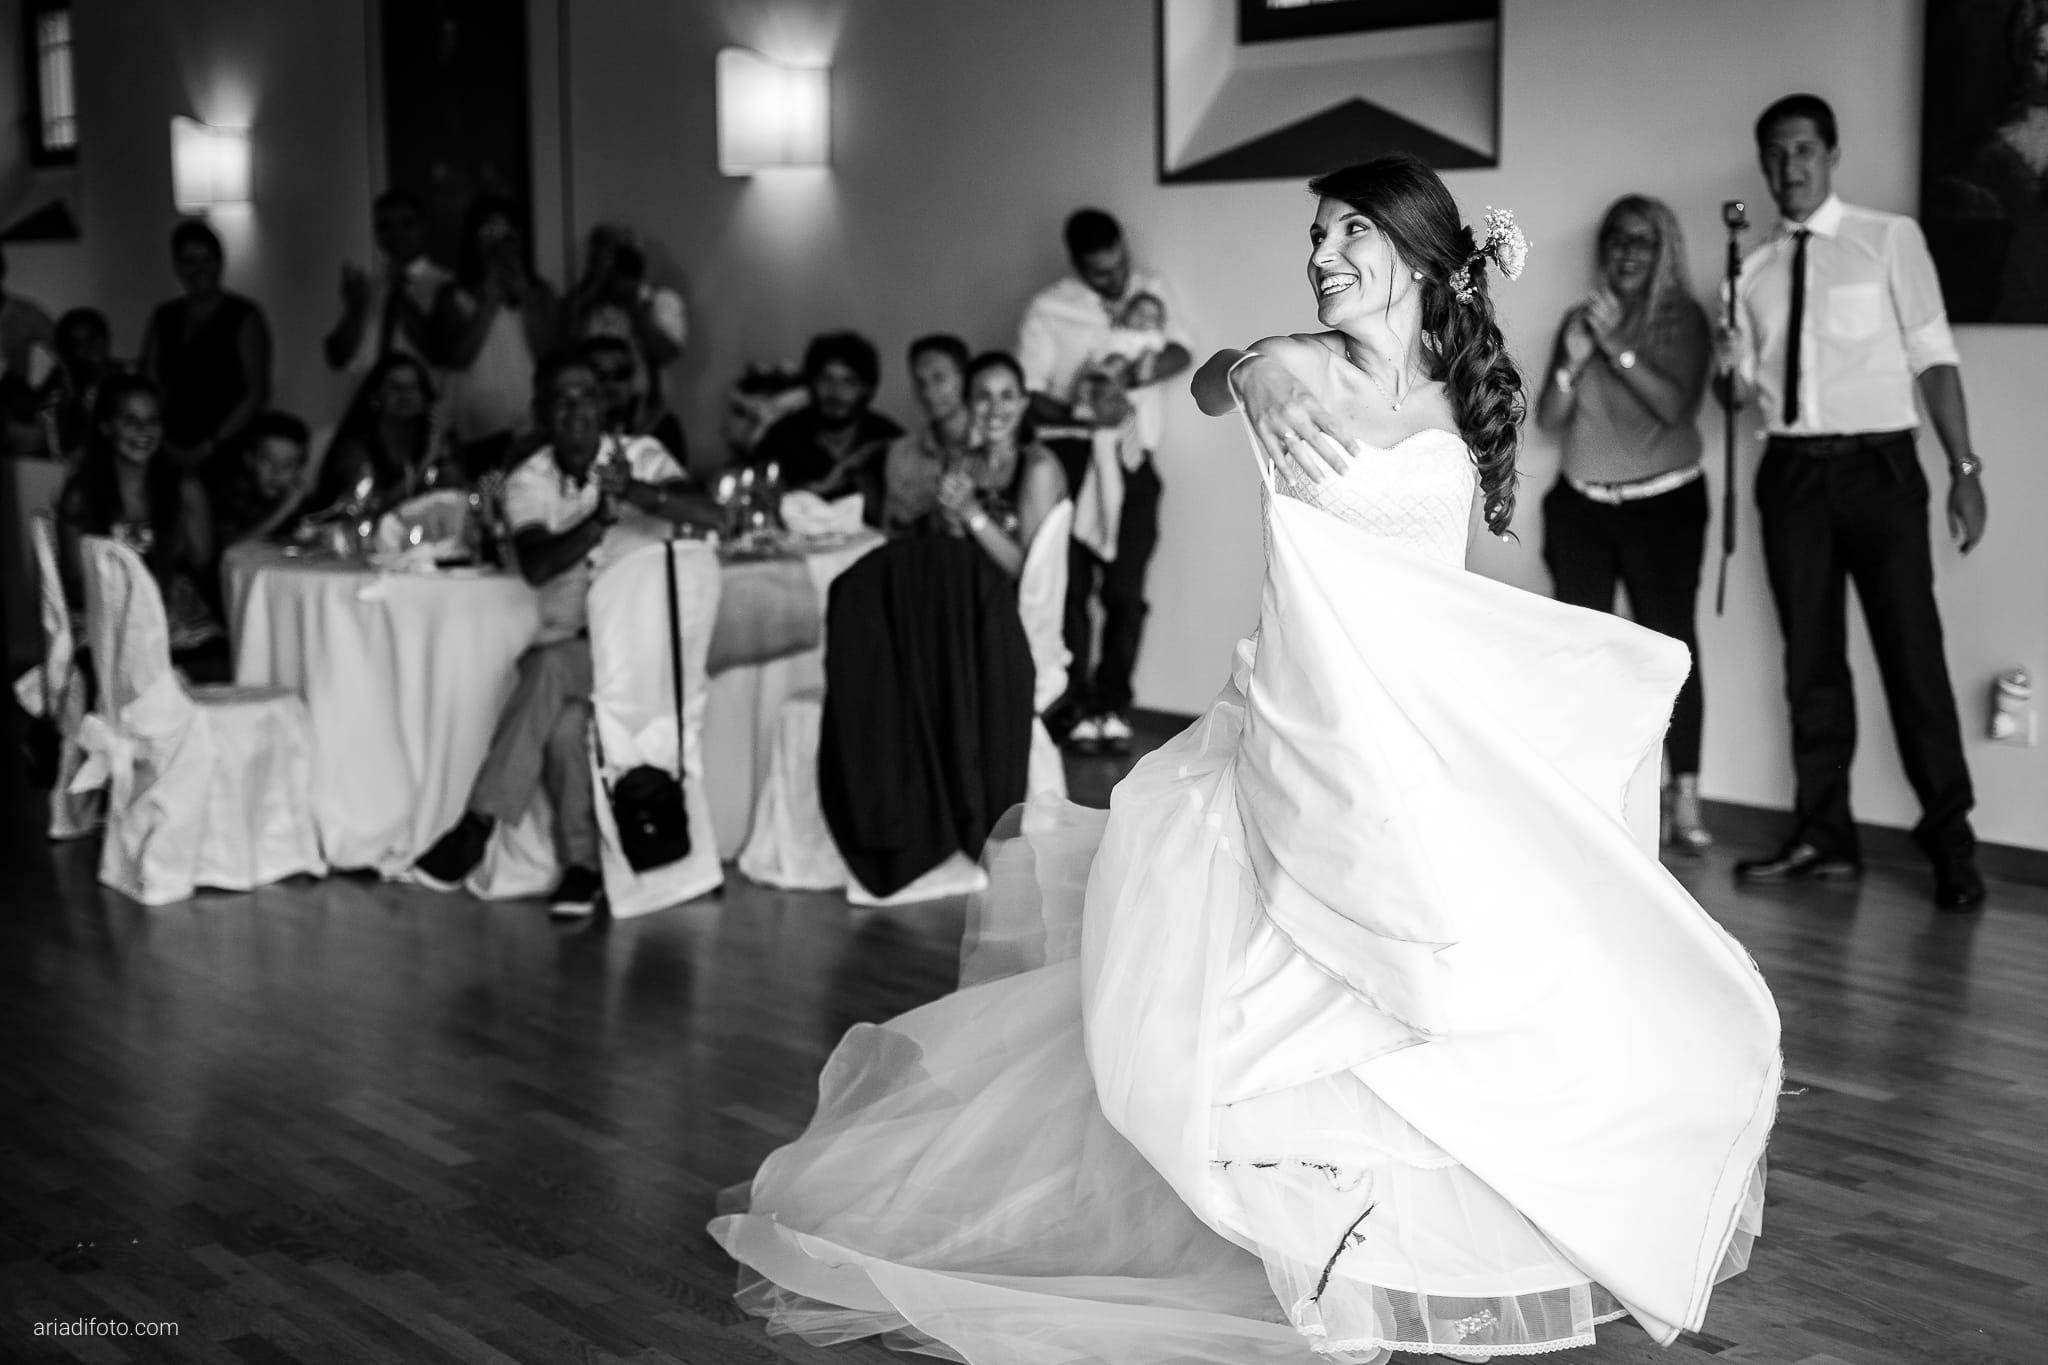 Mariarita Matteo Matrimonio Trieste Villa Attems Cernozza Postcastro Lucinico Gorizia ricevimento festa primo ballo